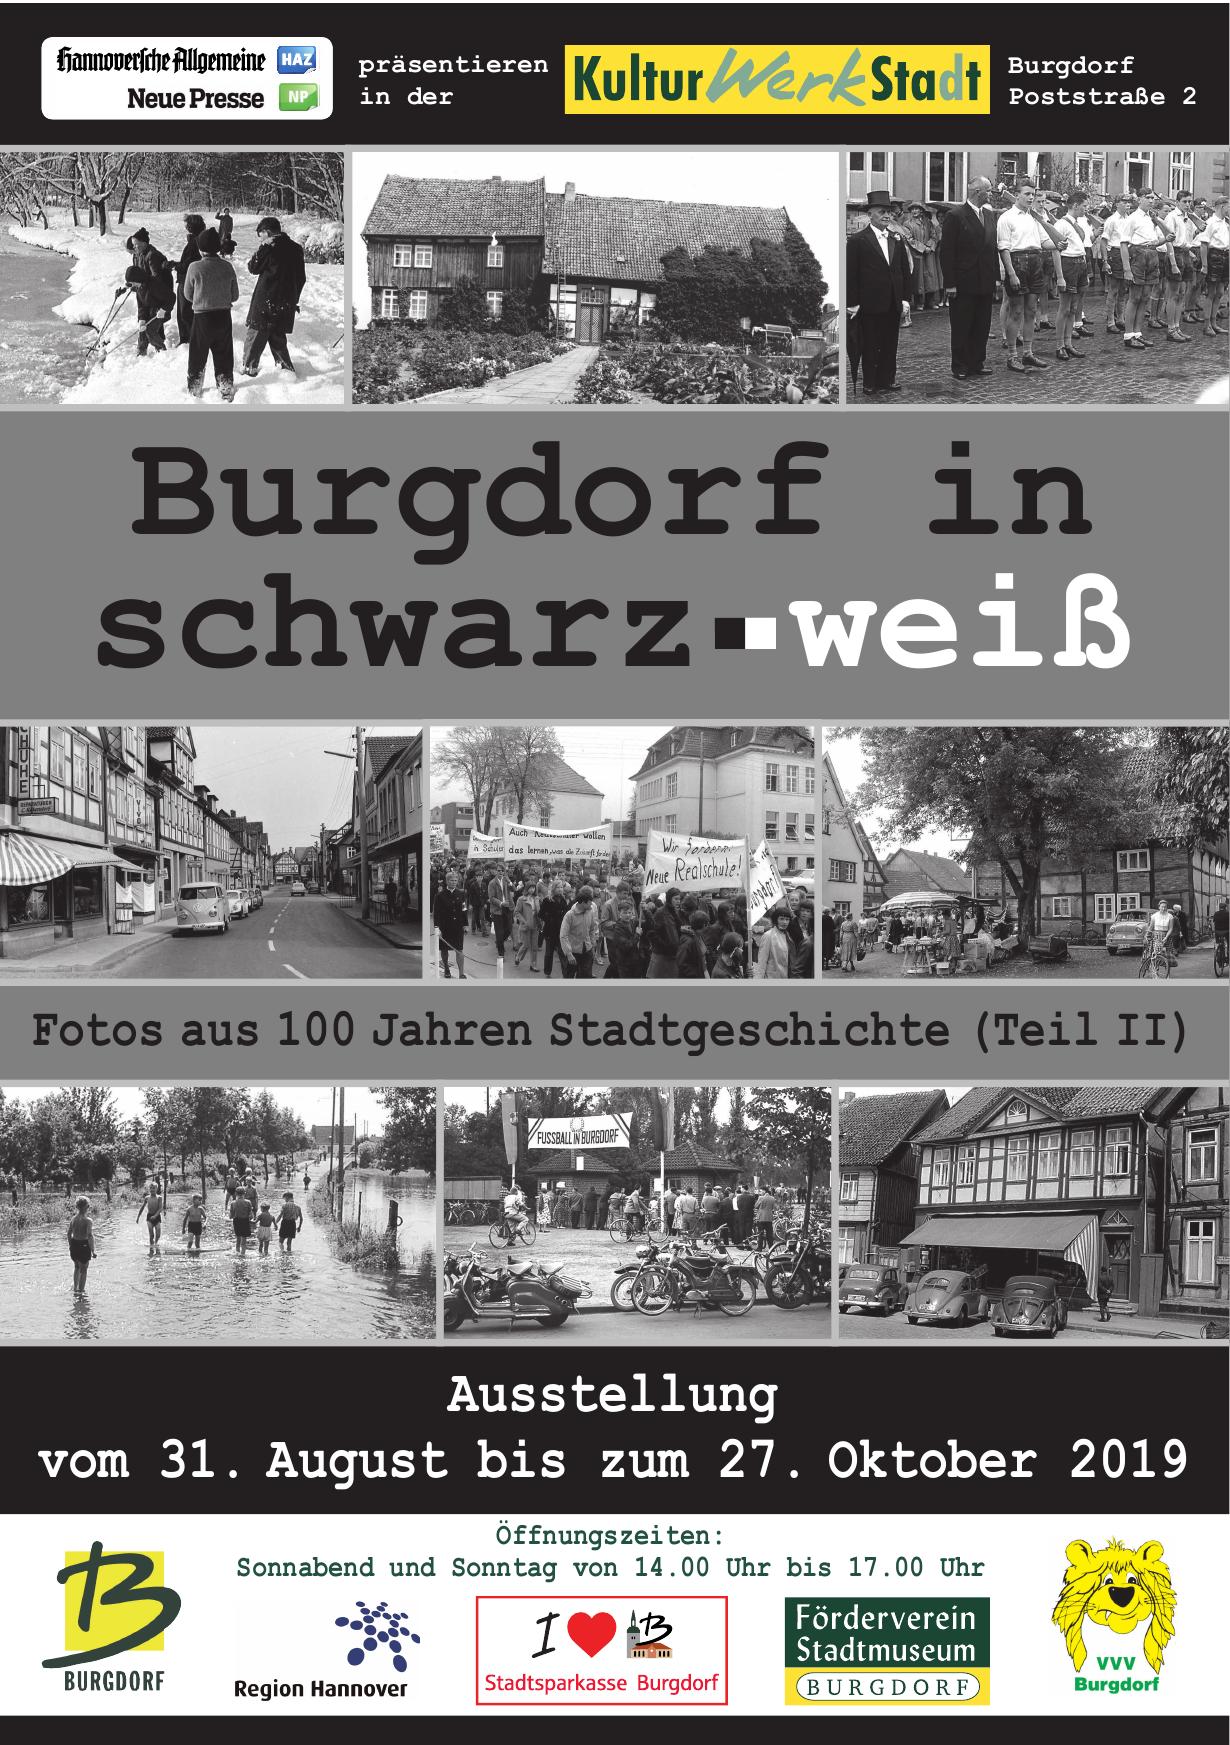 Burgdorf in schwarz-weiß